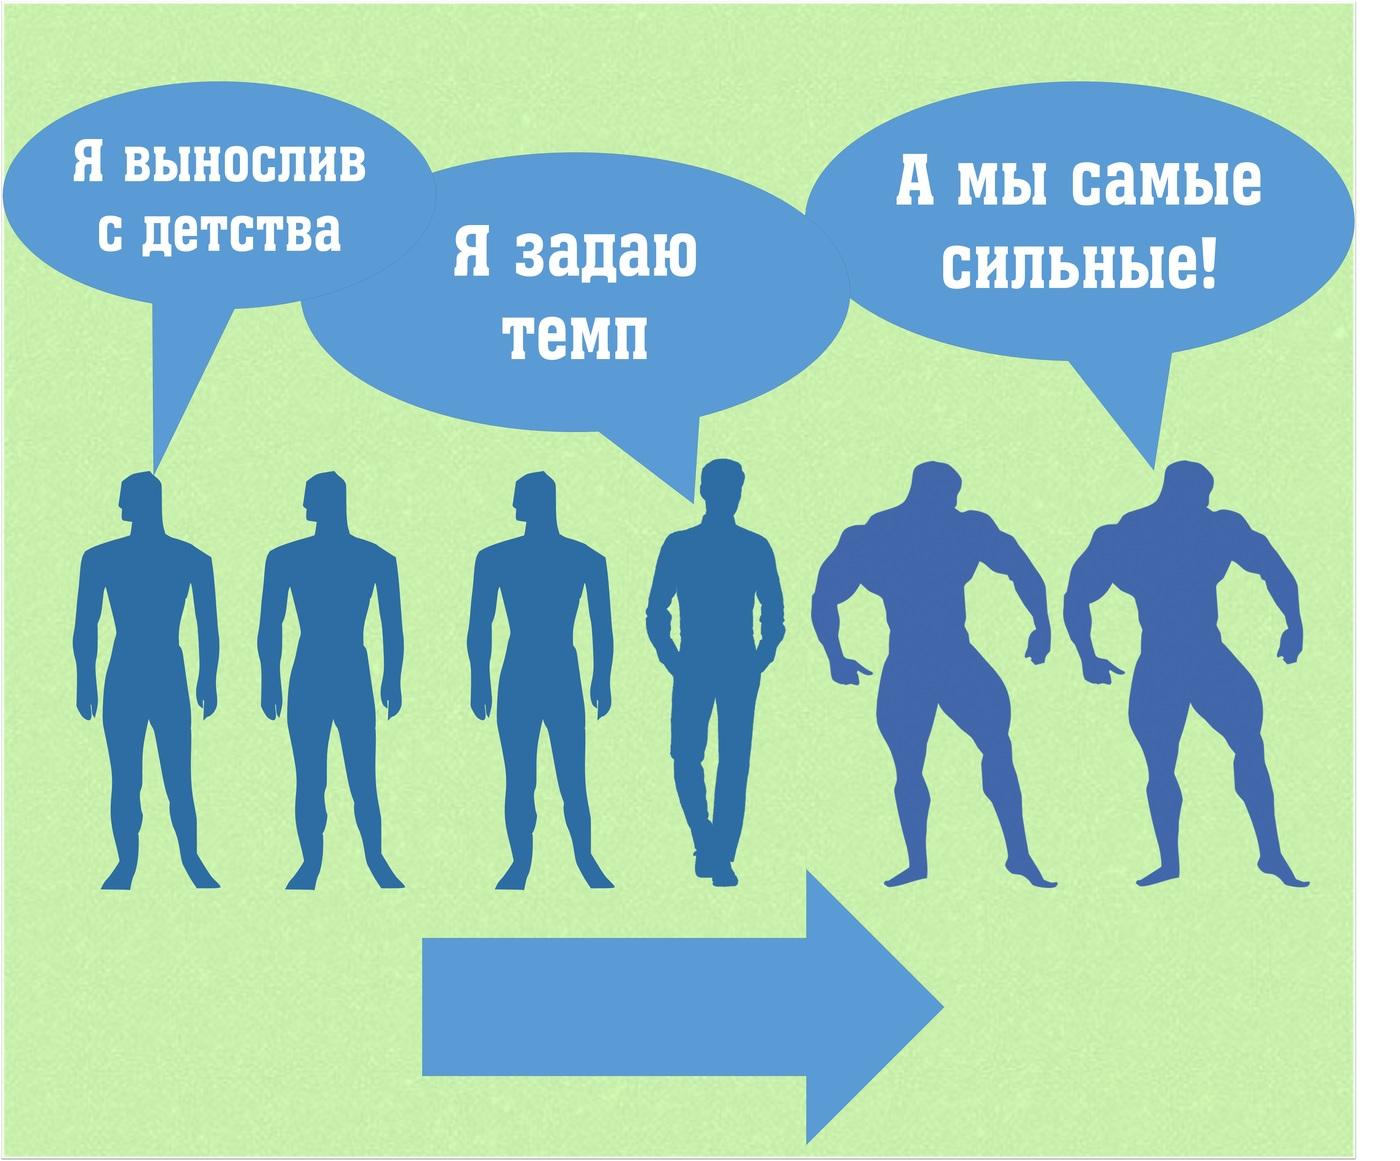 Распределение команды для перетягивания каната - Четвертая картинка